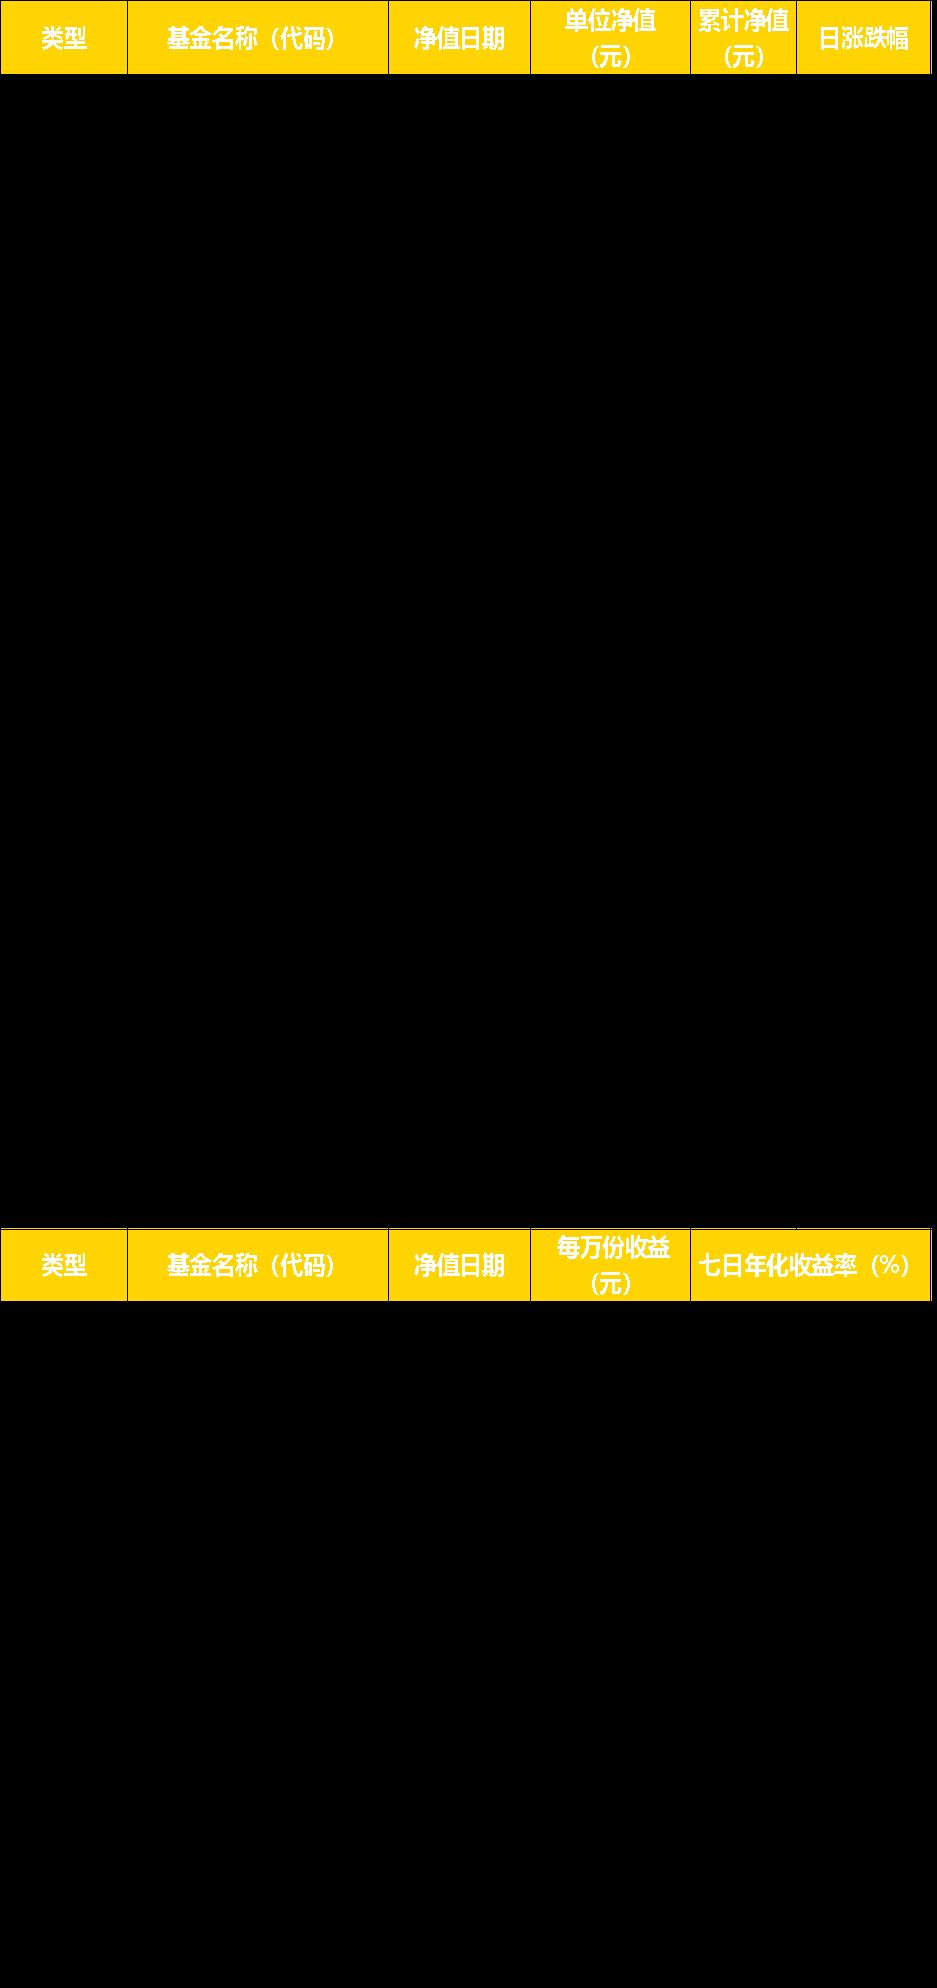 兴•料 | 9月贸易数据亮眼!